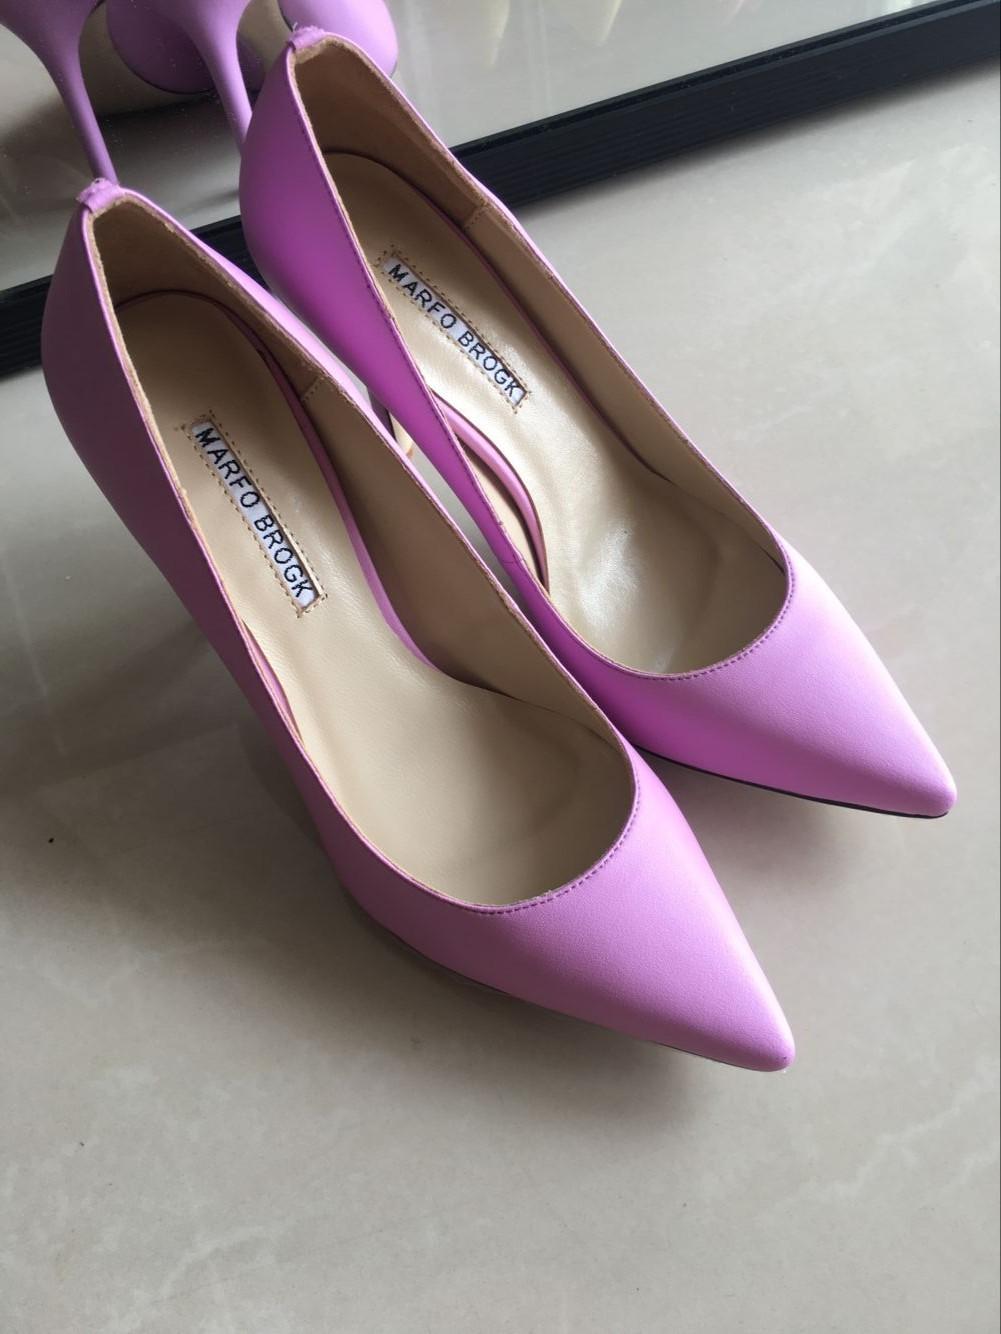 粉红色高跟鞋 欧美2017MB羊皮高跟鞋女同款真皮尖头细跟婚鞋伴娘鞋紫粉红色单鞋_推荐淘宝好看的粉红色高跟鞋